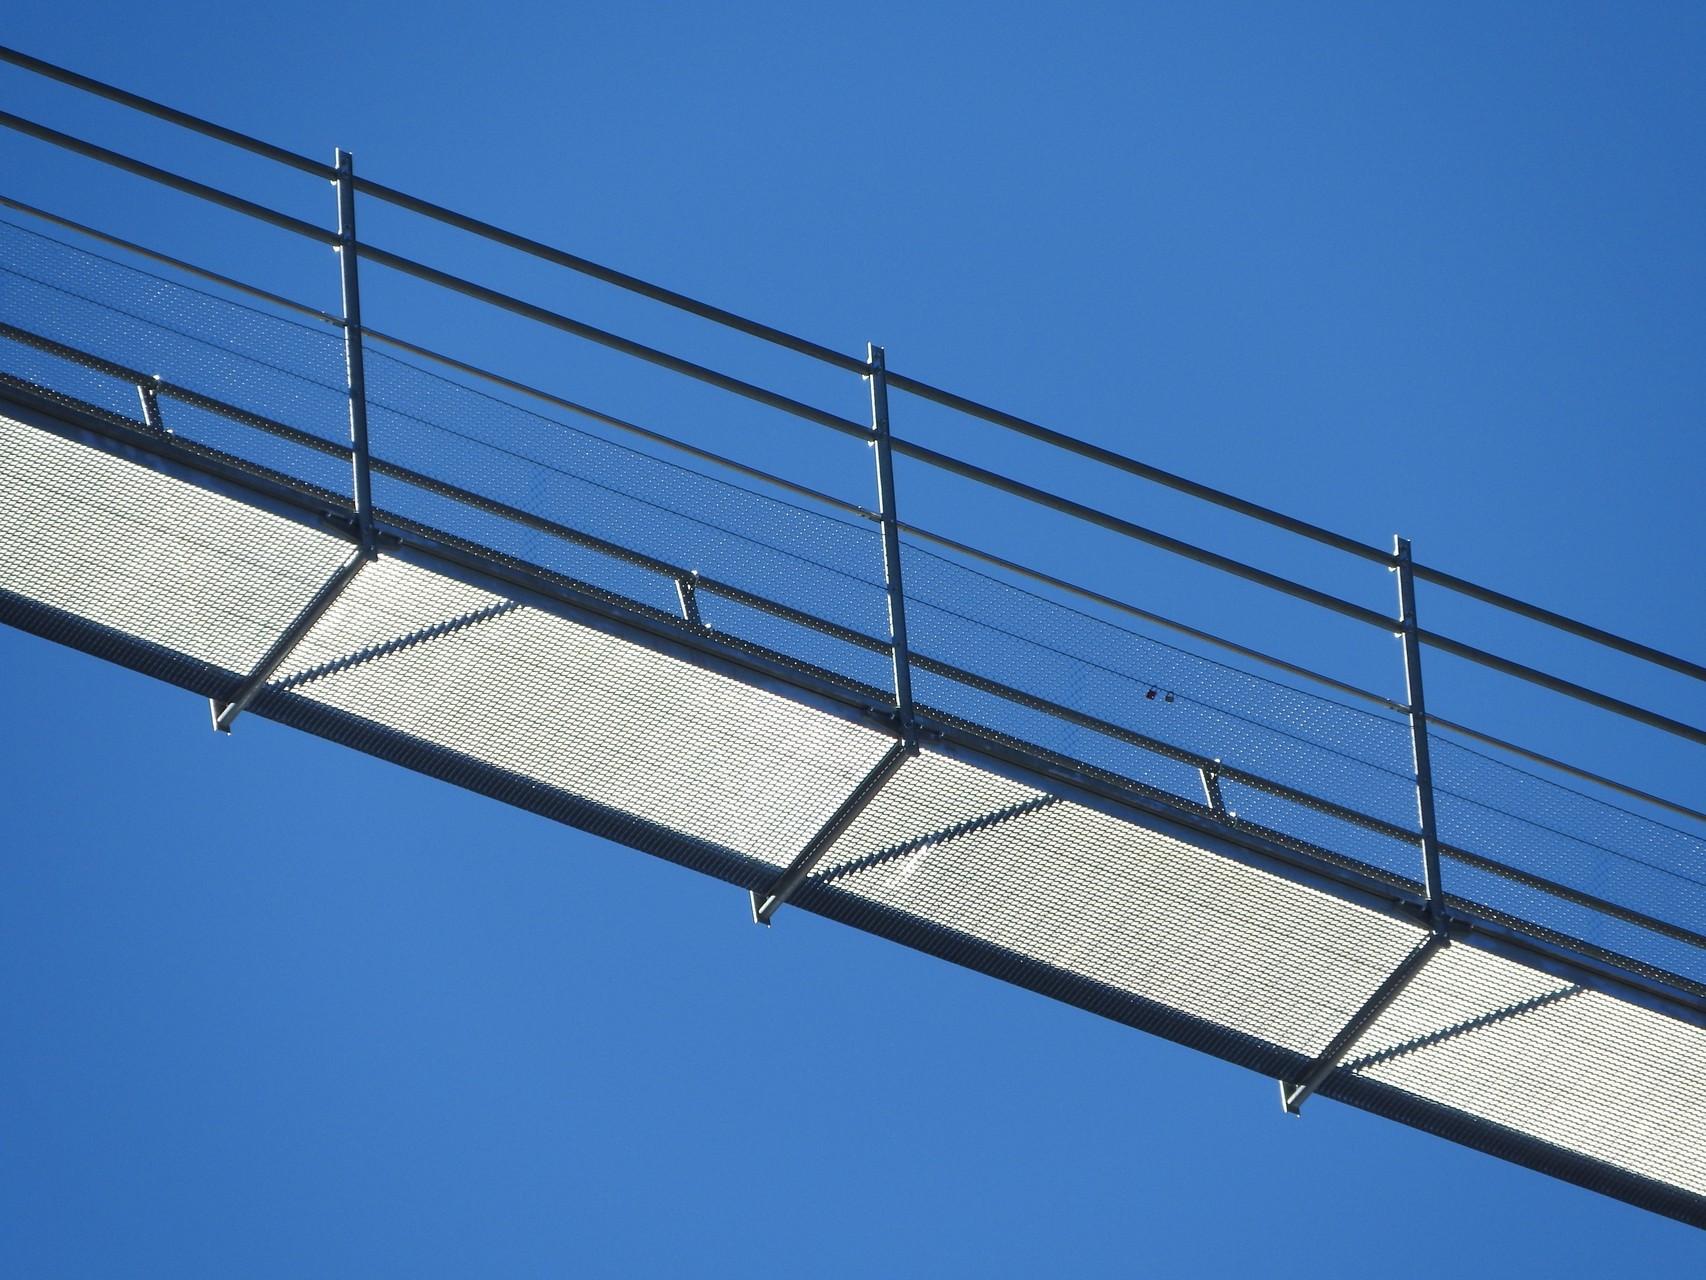 Die Highline von der Klause gesehen